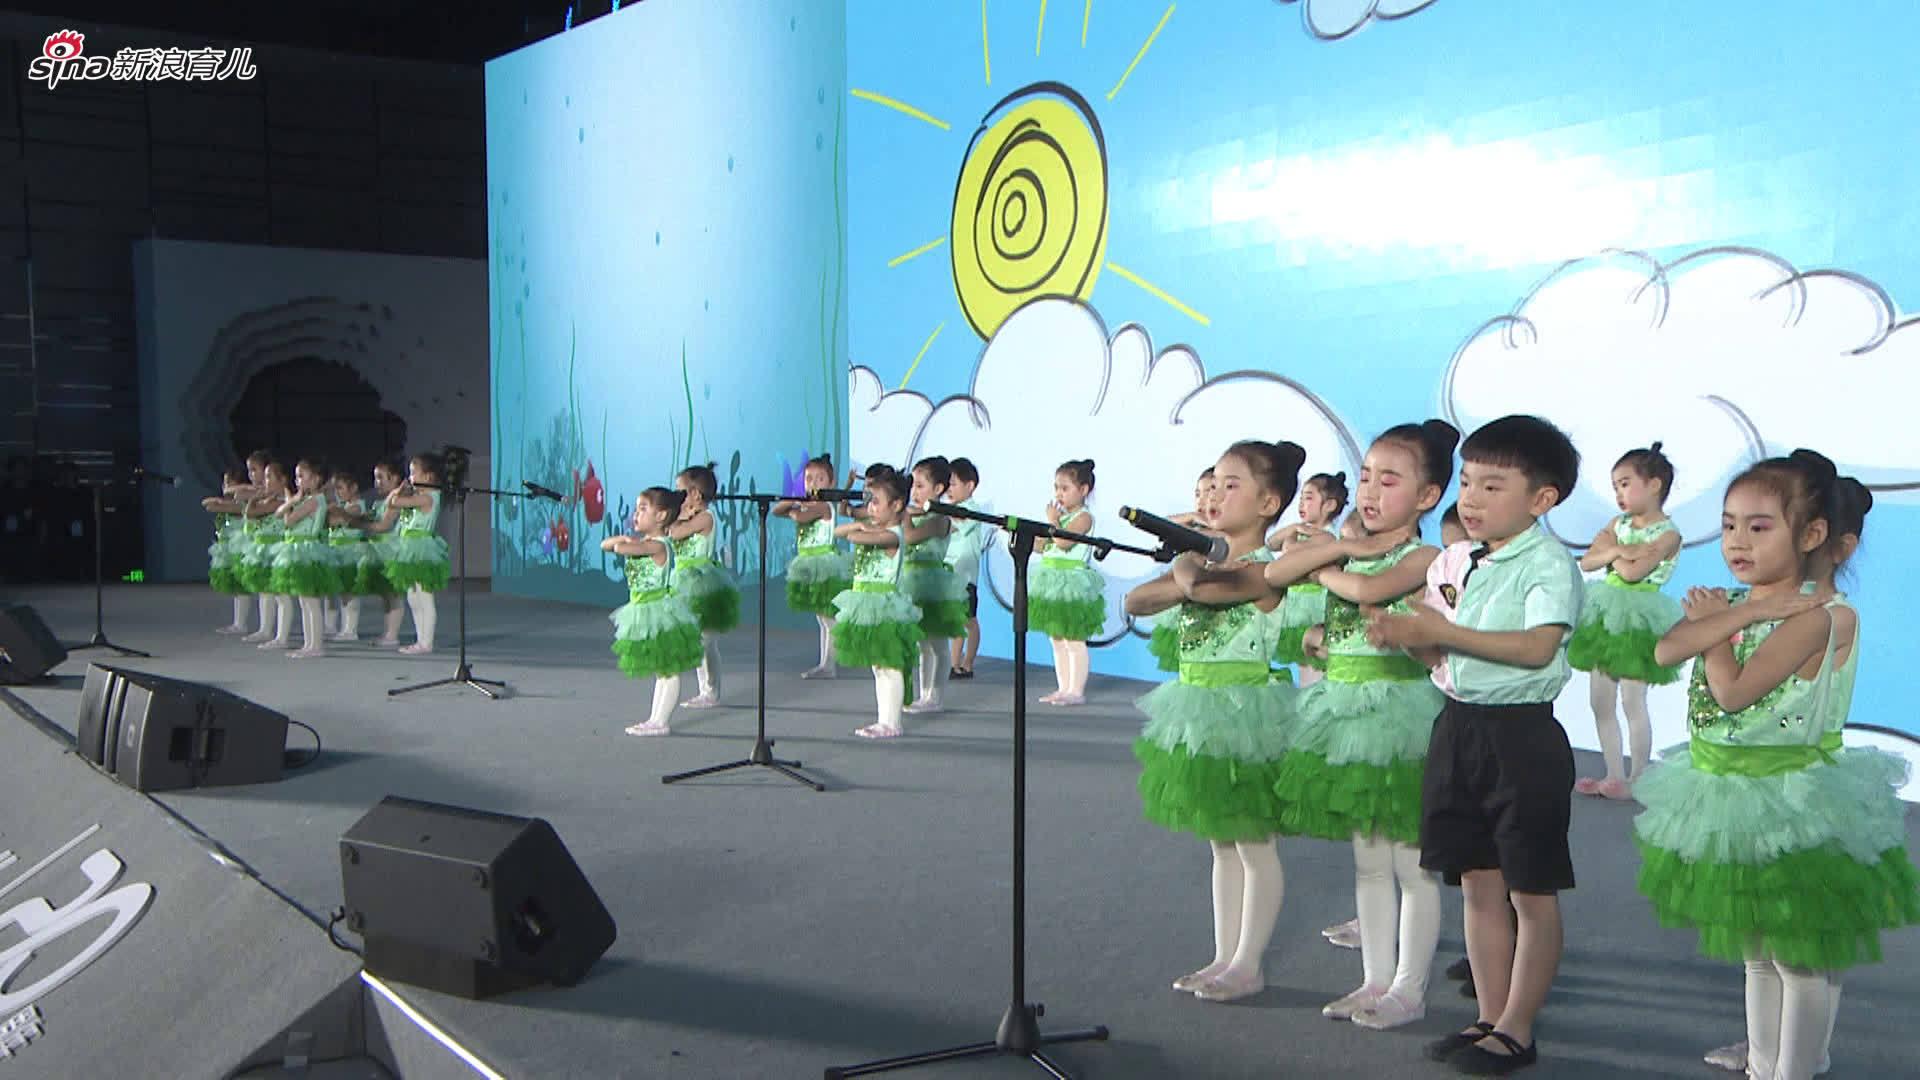 新浪2019早幼教峰会儿童合唱:我有一个梦想